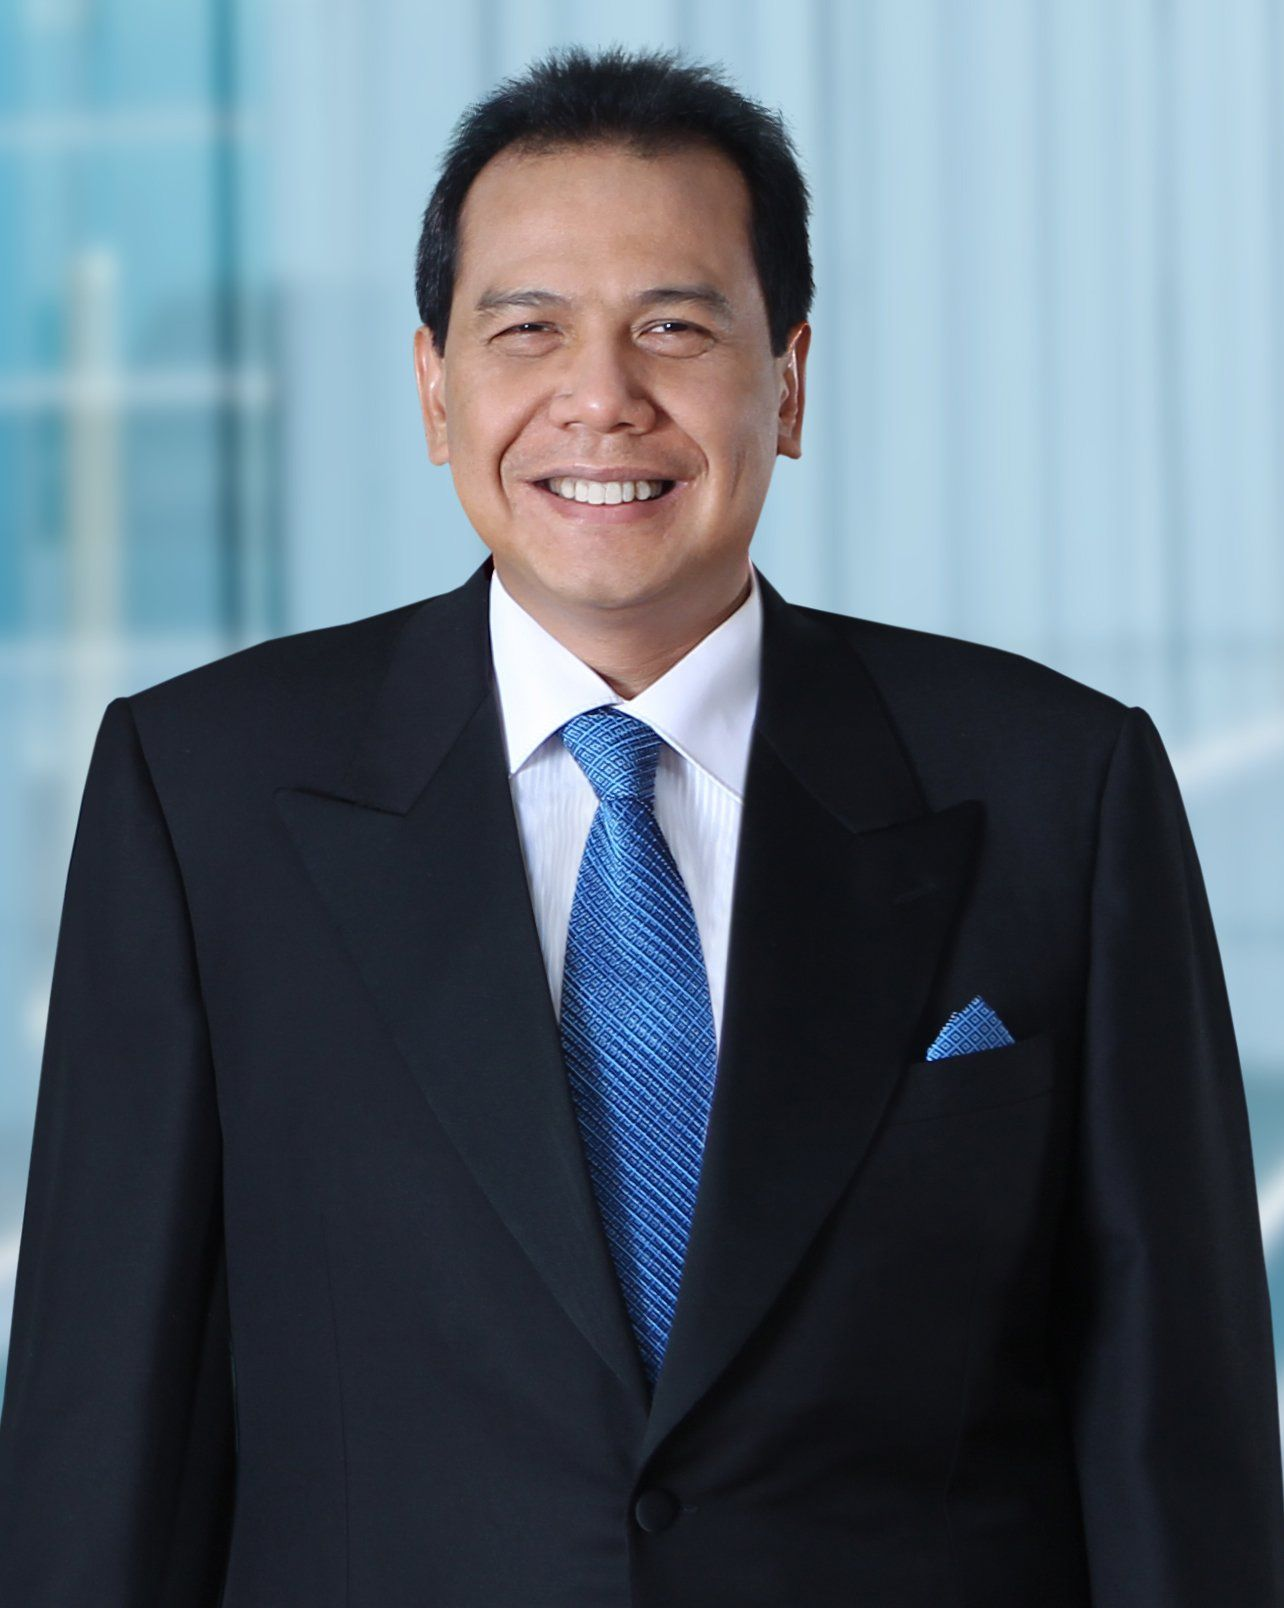 Chairul Tanjung Wooden Doll High Chair Plans 13 Prinsip Dalam Membangun Bisnis Me Economics